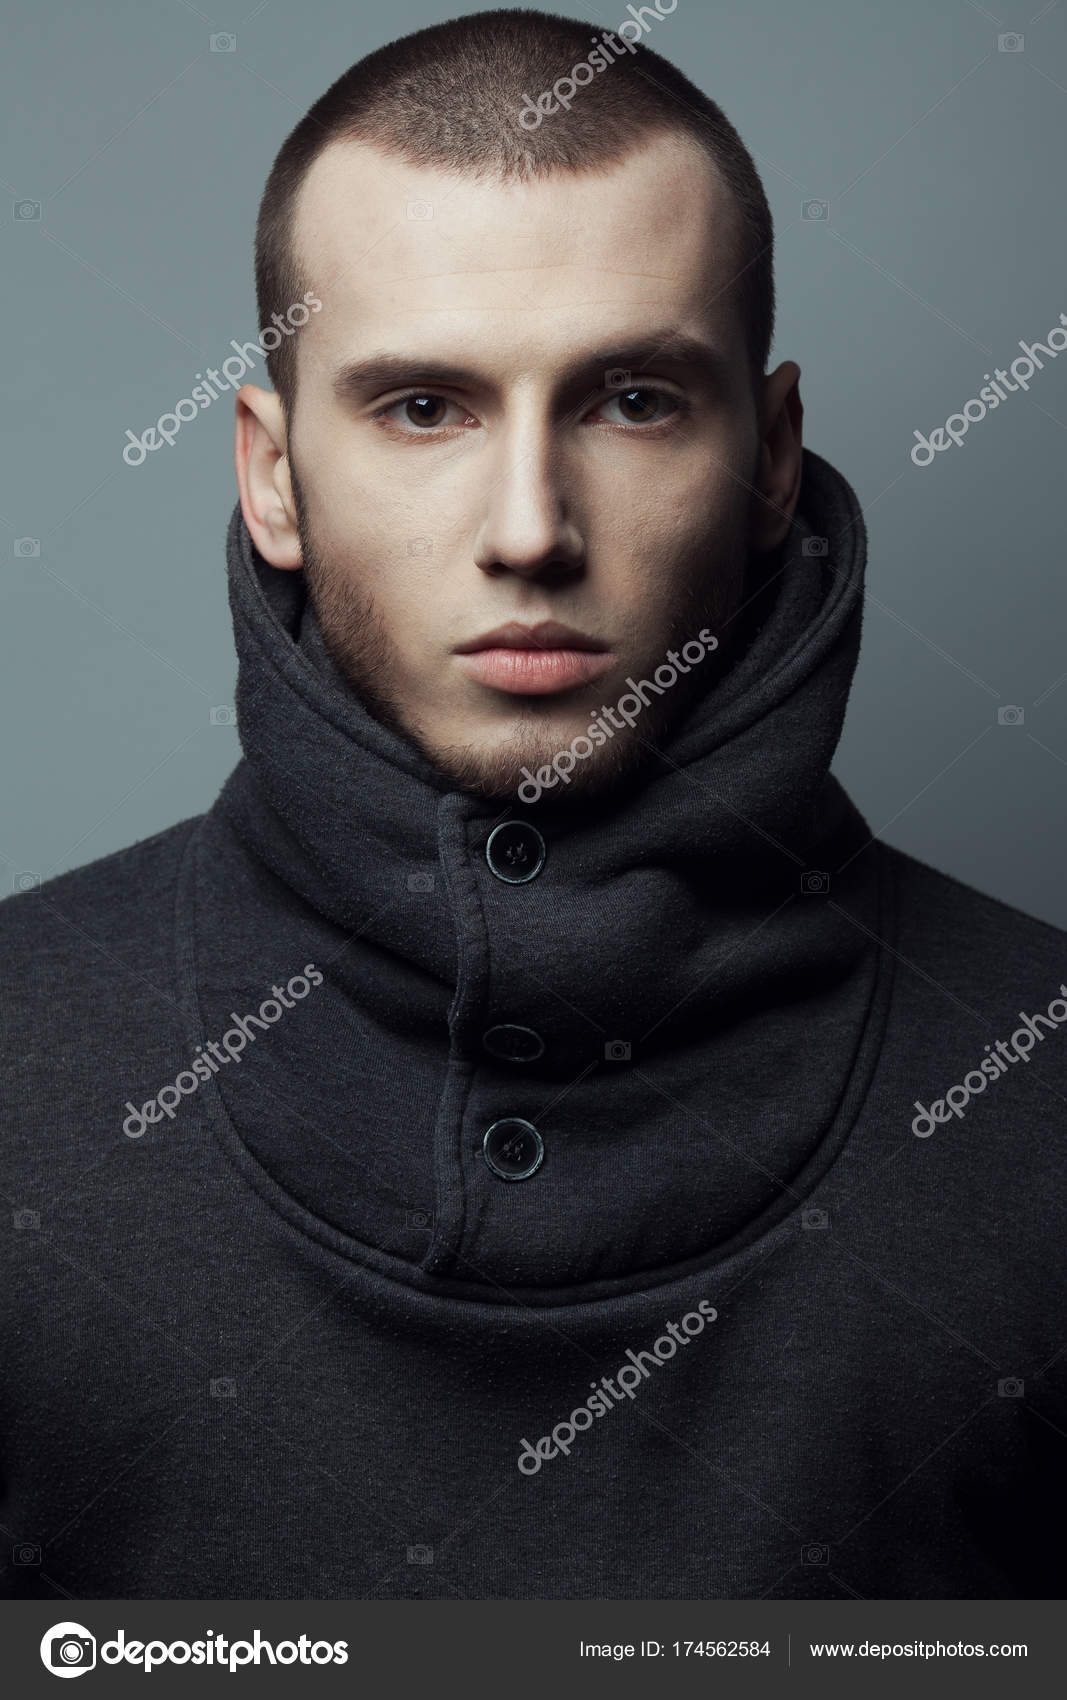 Férfi A Szépség Fogalma Rövid Haj Brutális Fiatalember Portréja